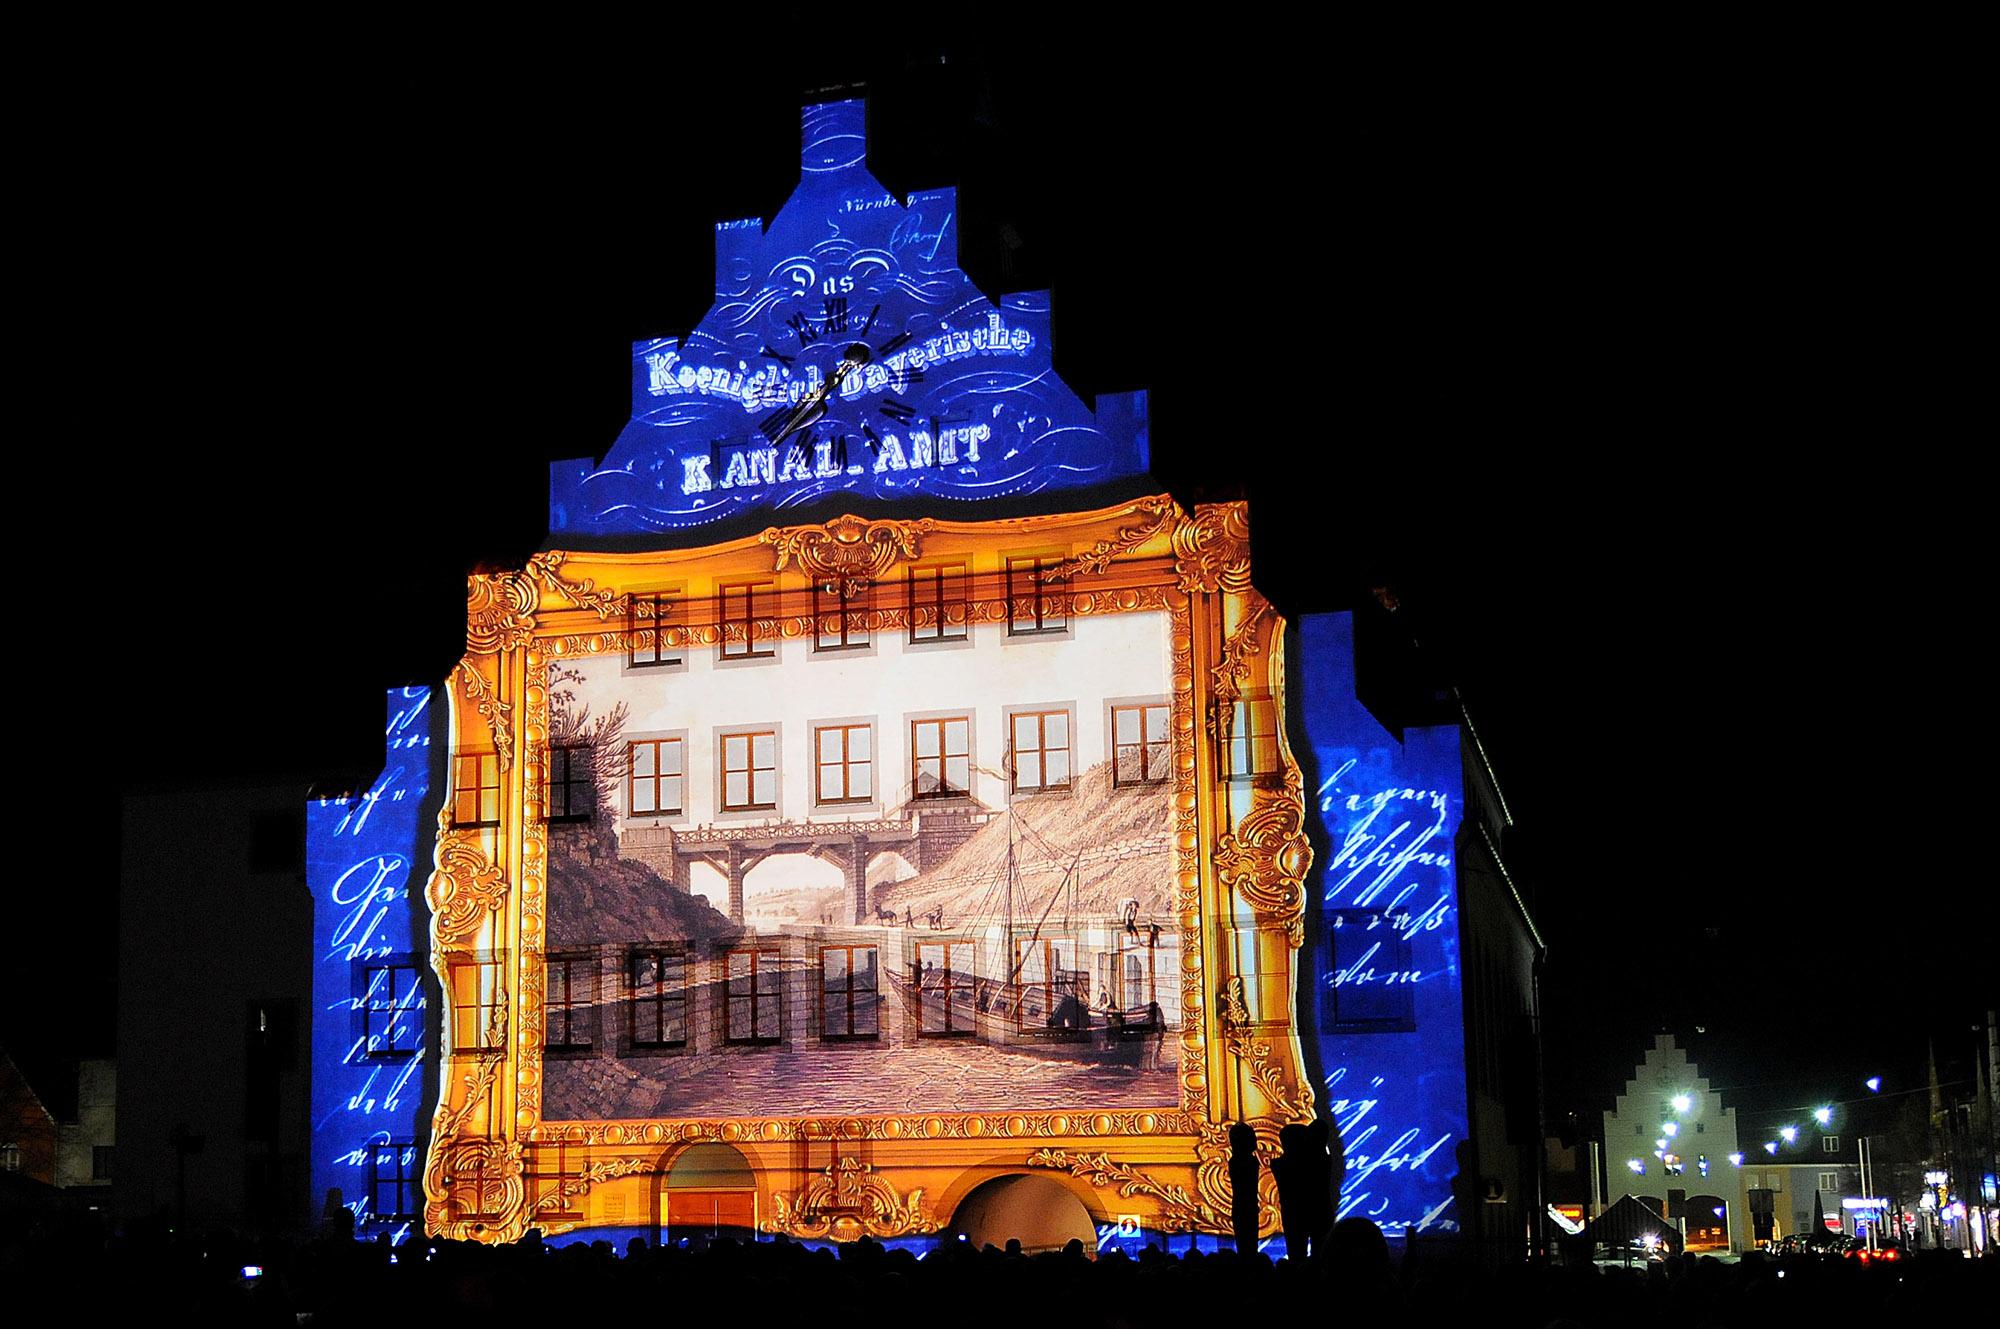 850JahreNeumarkt_Stadtgeschichte_2010_15.jpg